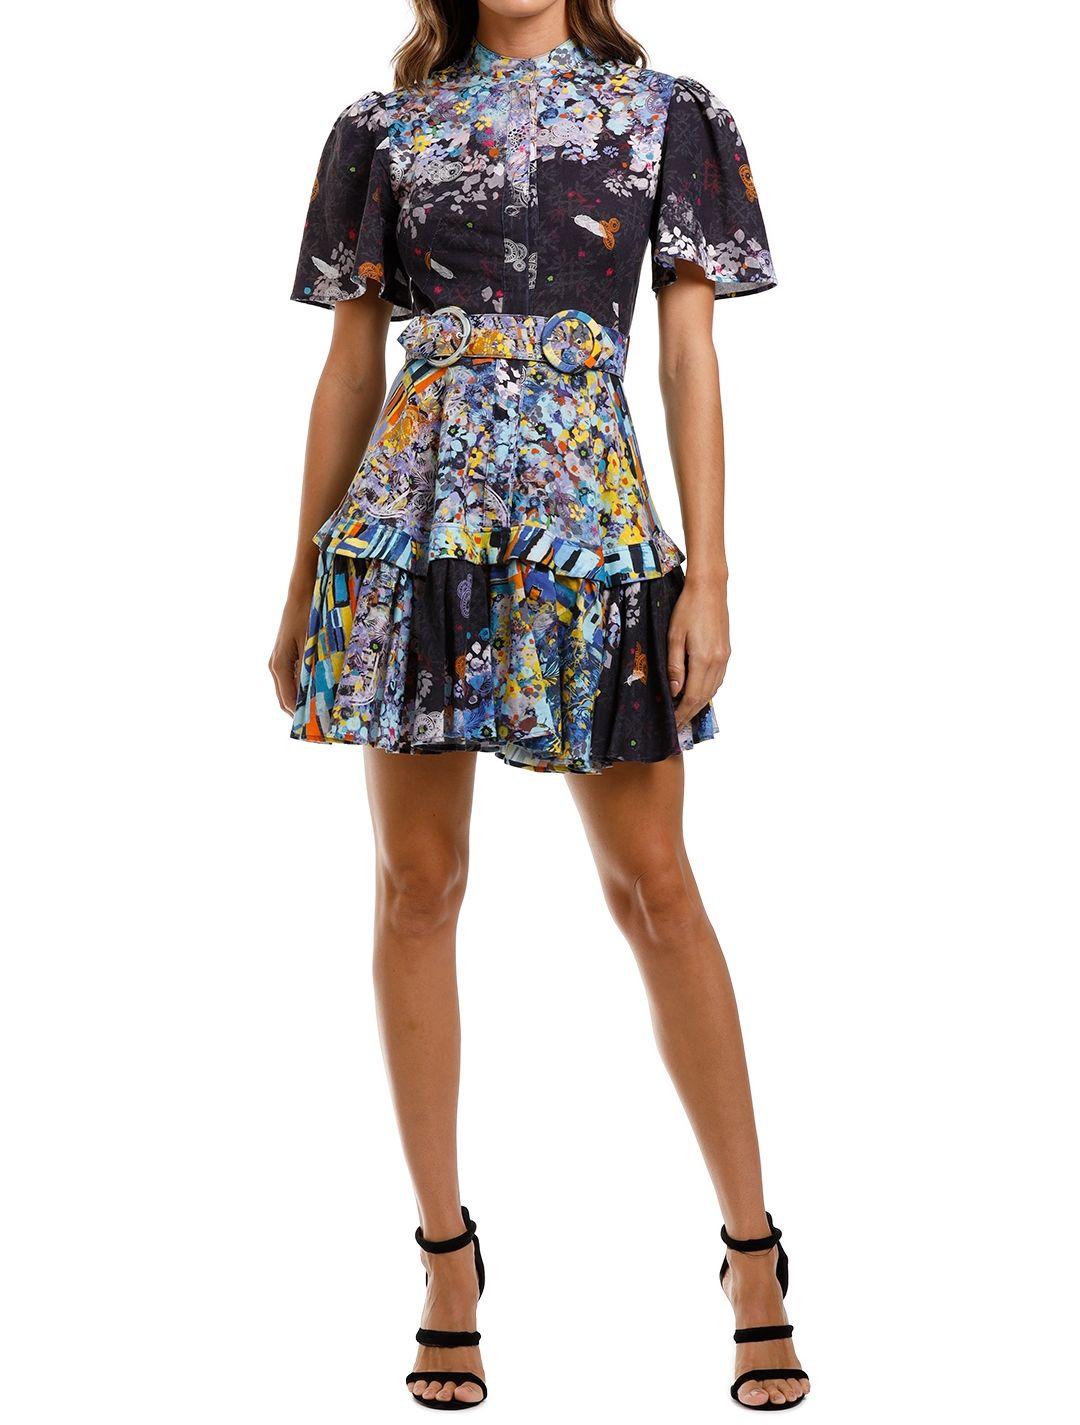 LEO & LIN Flower Garden Short Dress Navy